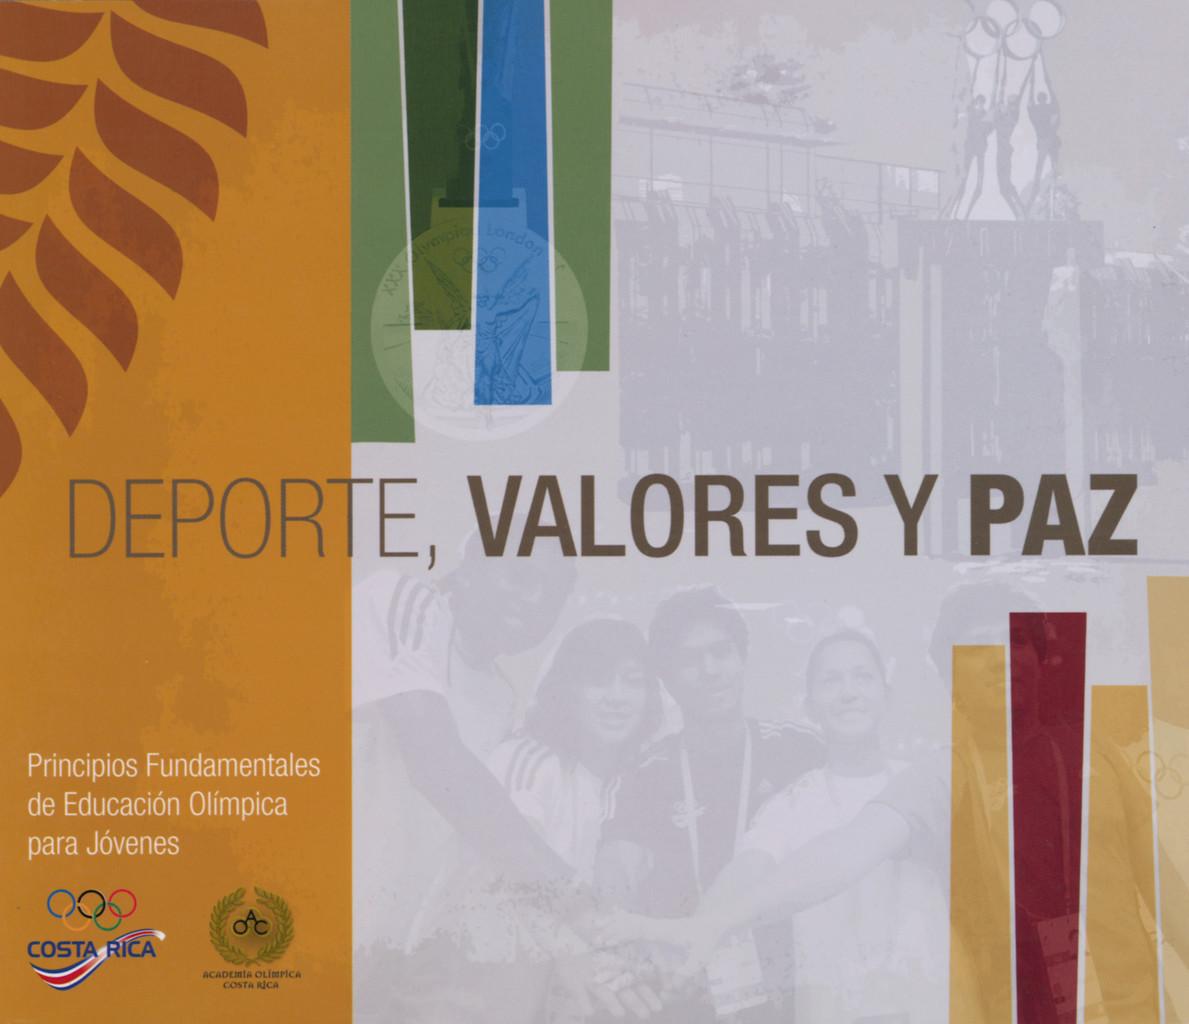 Deporte, valores y paz : principios fundamentales de educacíon olímpica para jóvenes / Henri Núñez Nájera, Laura Moreira León, Teresita Anchía Campos | Núñez Nájera, Henri